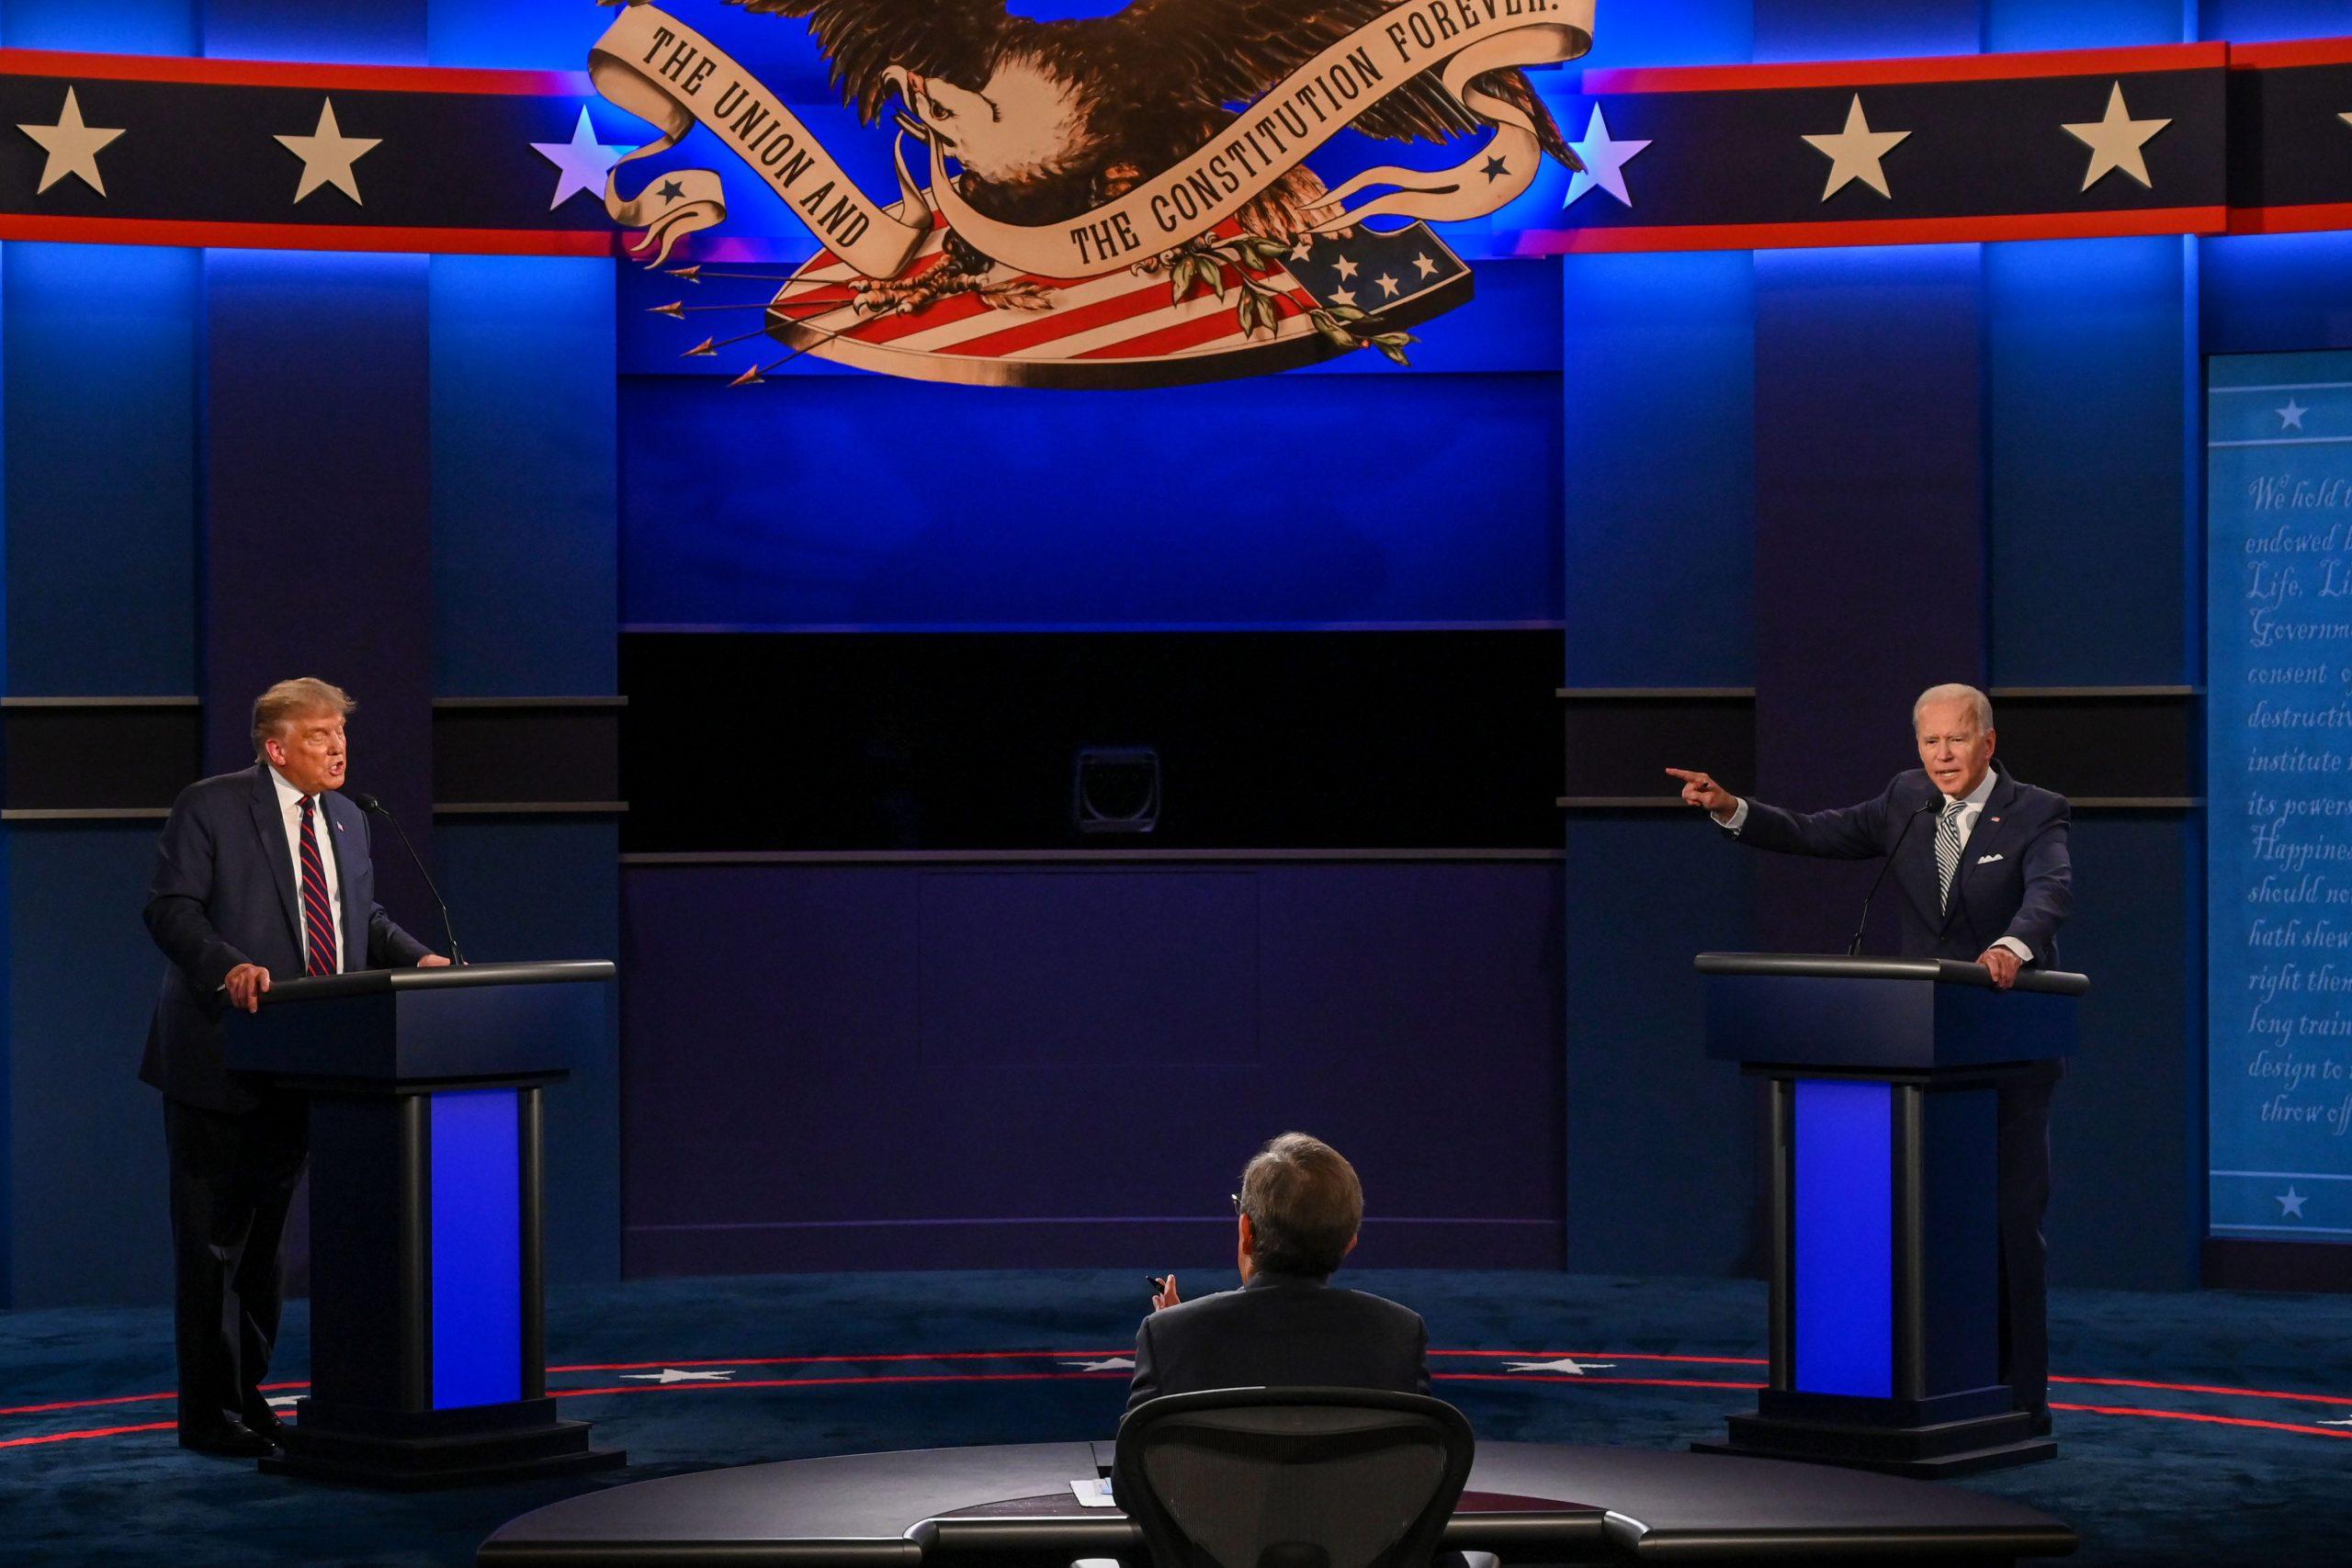 Nhà Trắng ủng hộ 2 ứng viên tranh luận theo hình thức trực tuyến